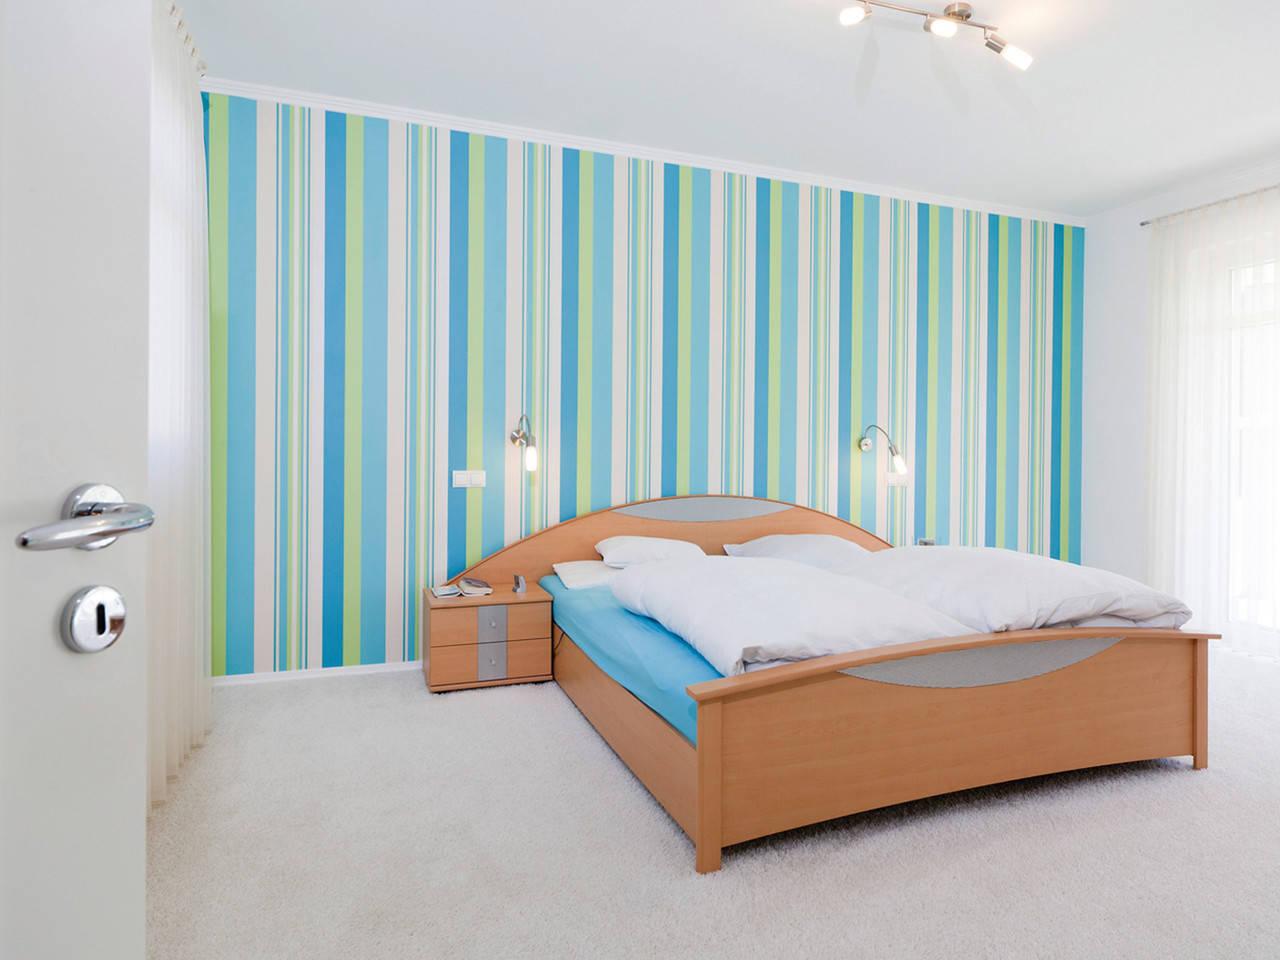 Stadtvilla 290 Schlafzimmer von Zimmermann Haus